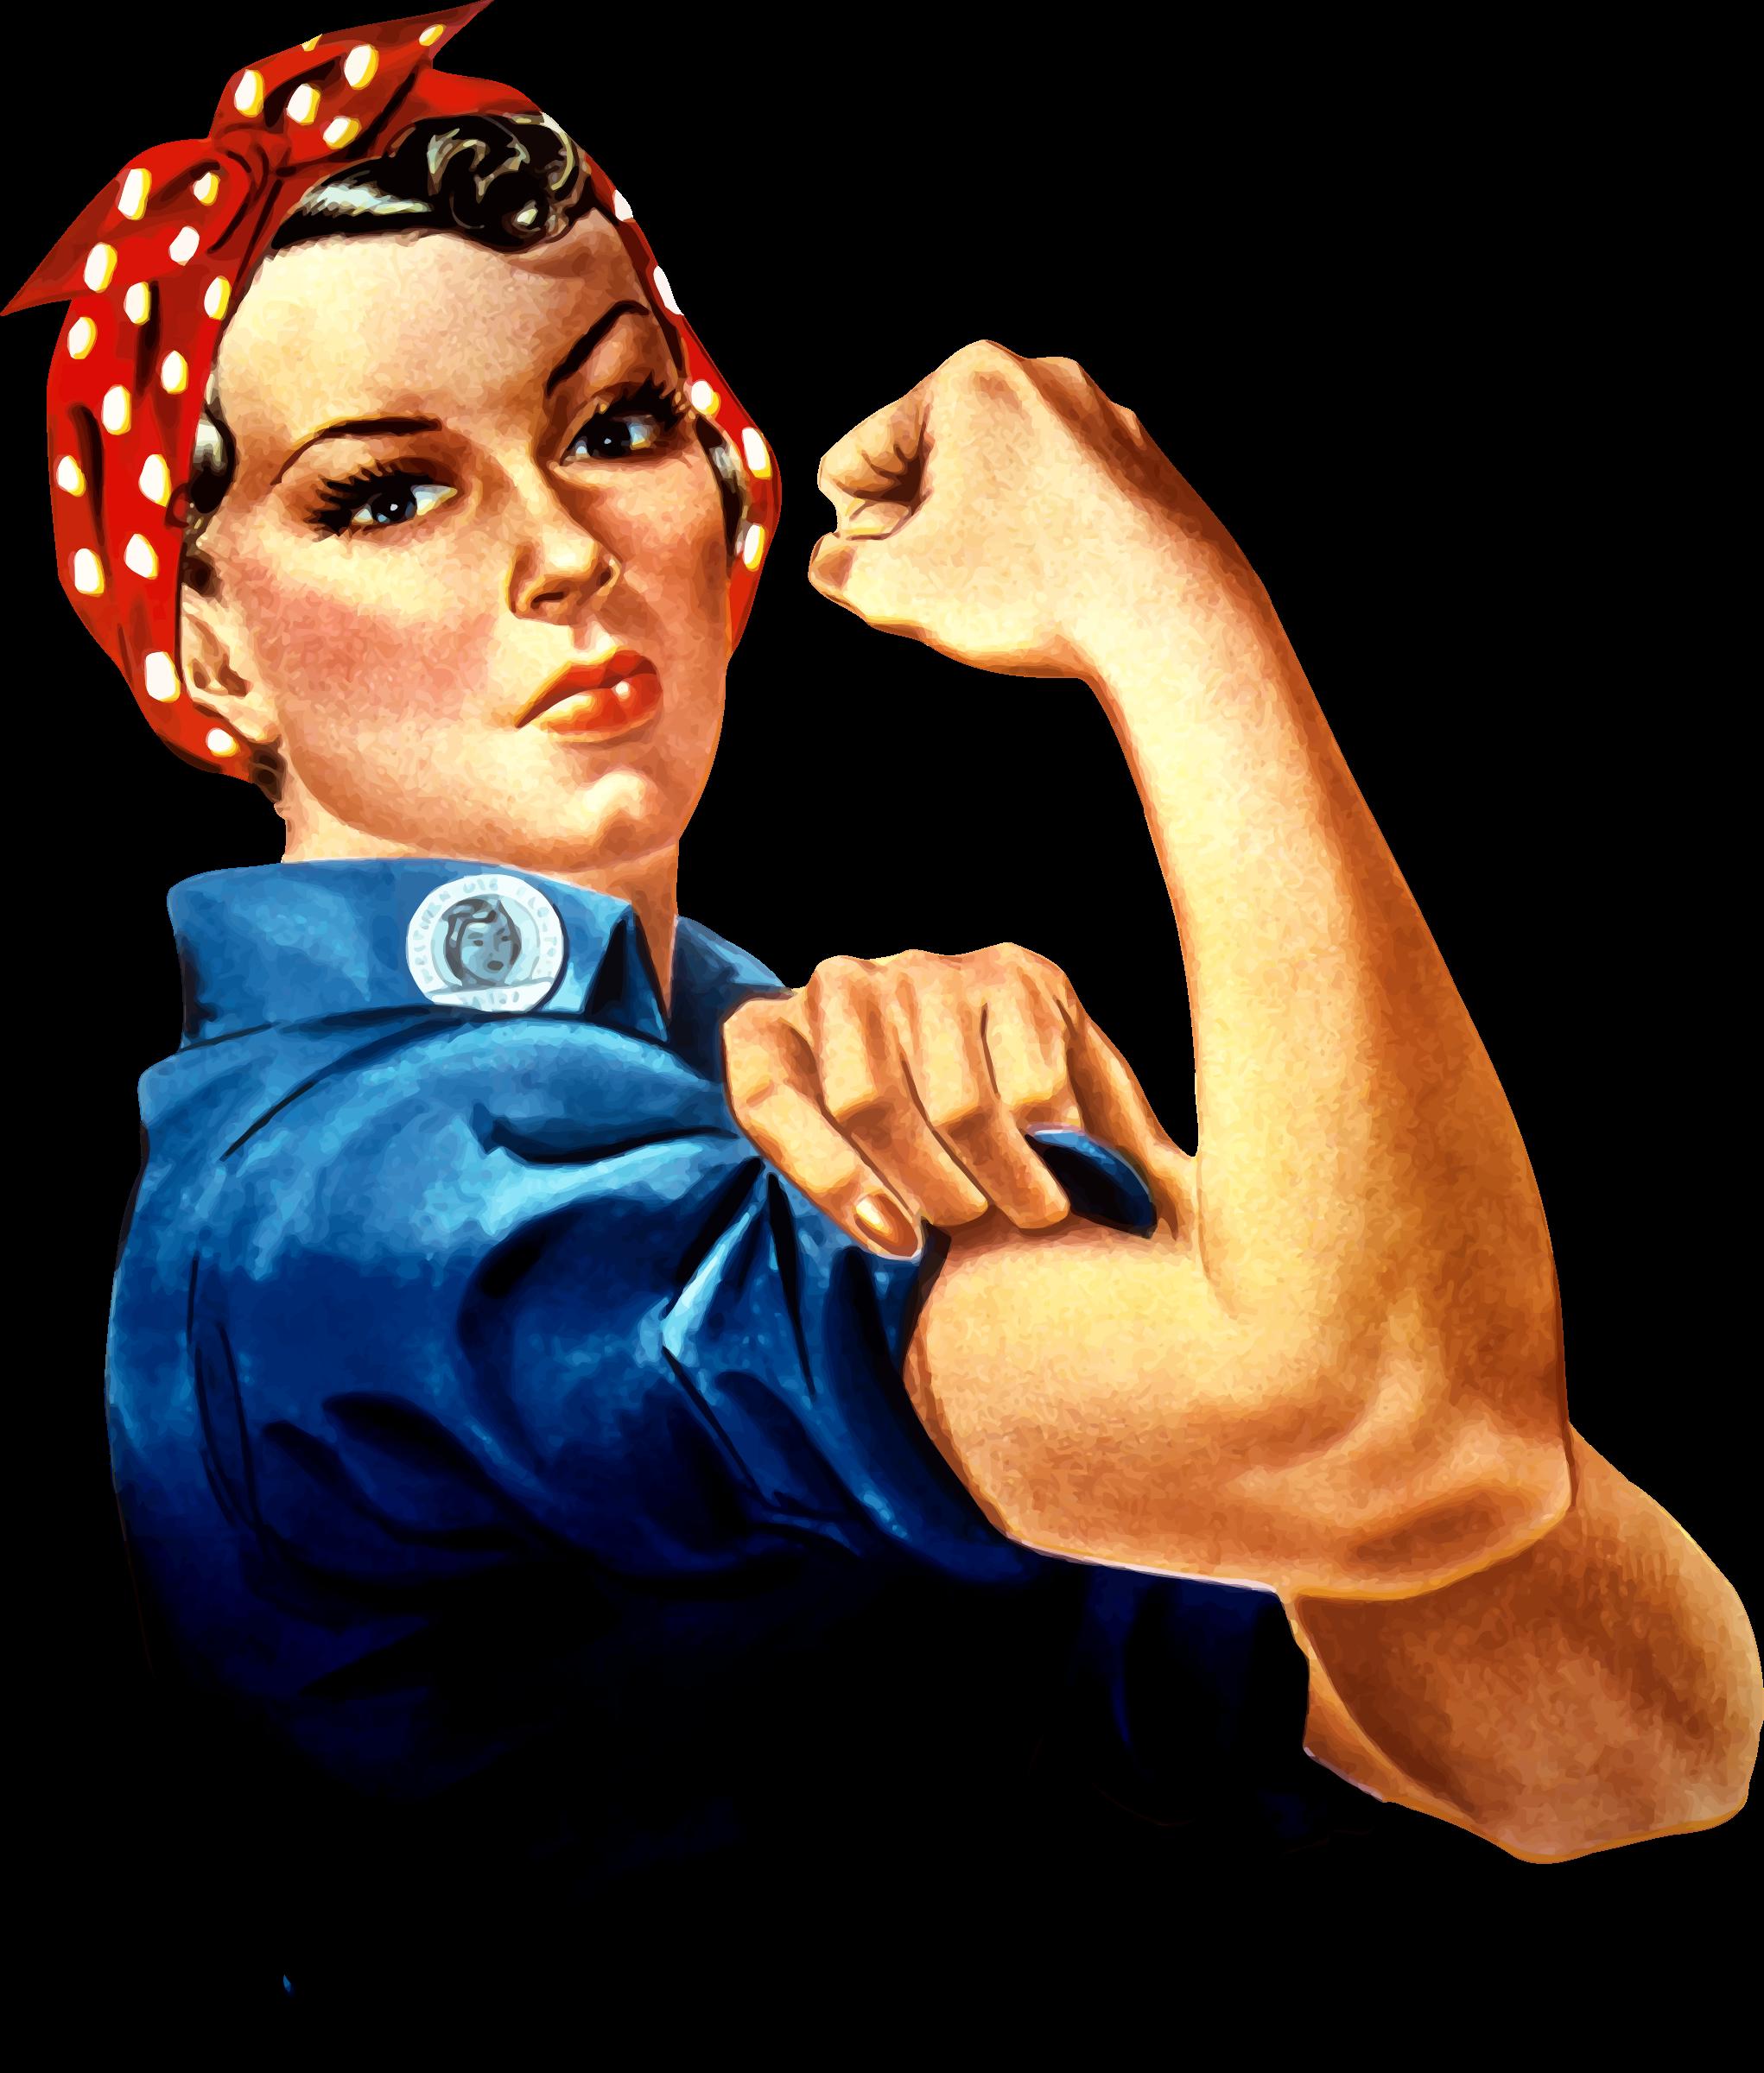 Feminism is illiberal